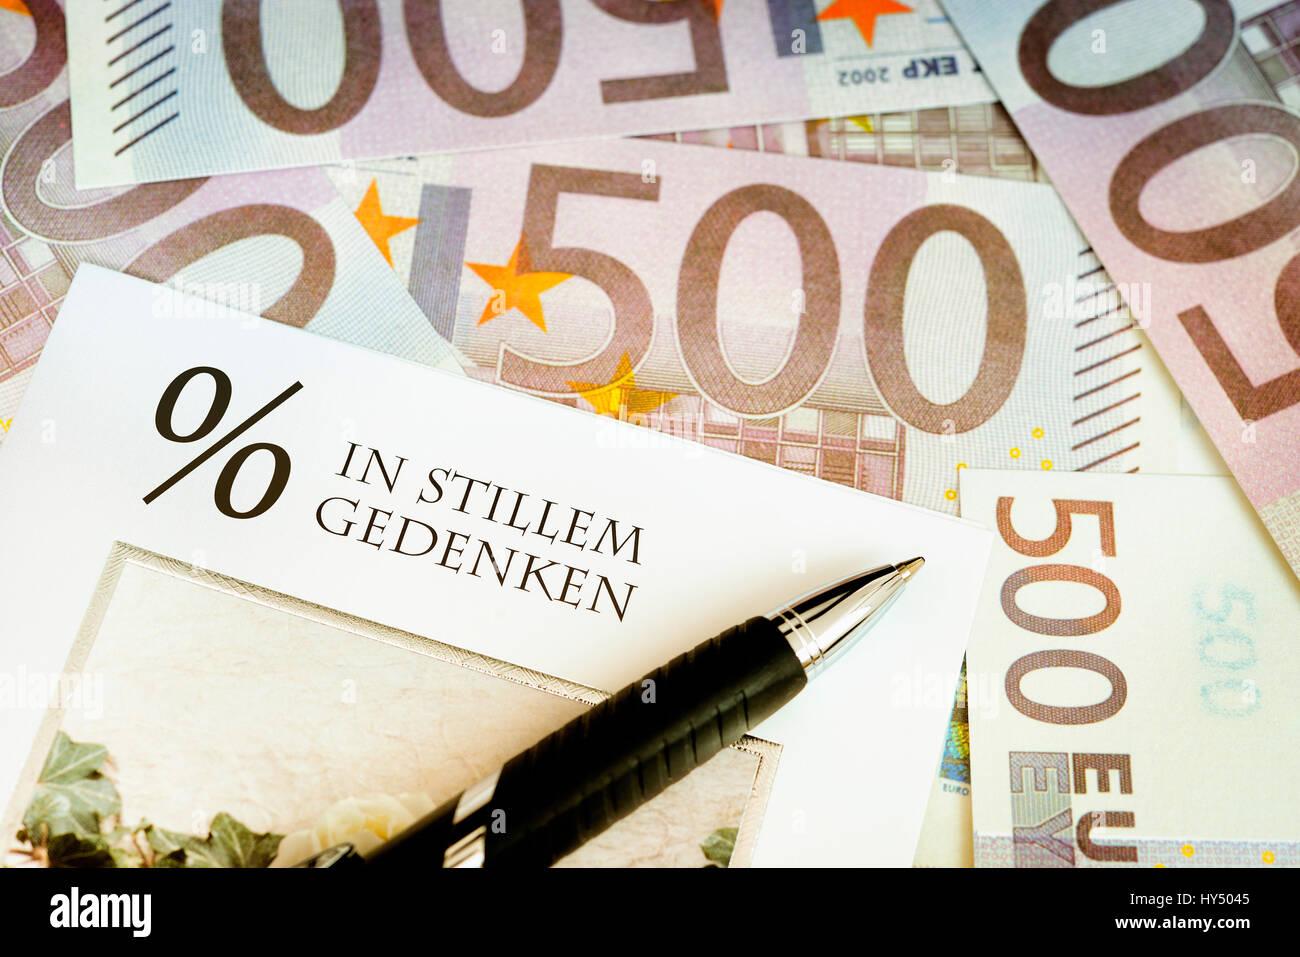 Bank notes and condolence card, symbolic photo negative interest, Geldscheine und Beileidskarte, Symbolfoto Negativzinsen Stock Photo